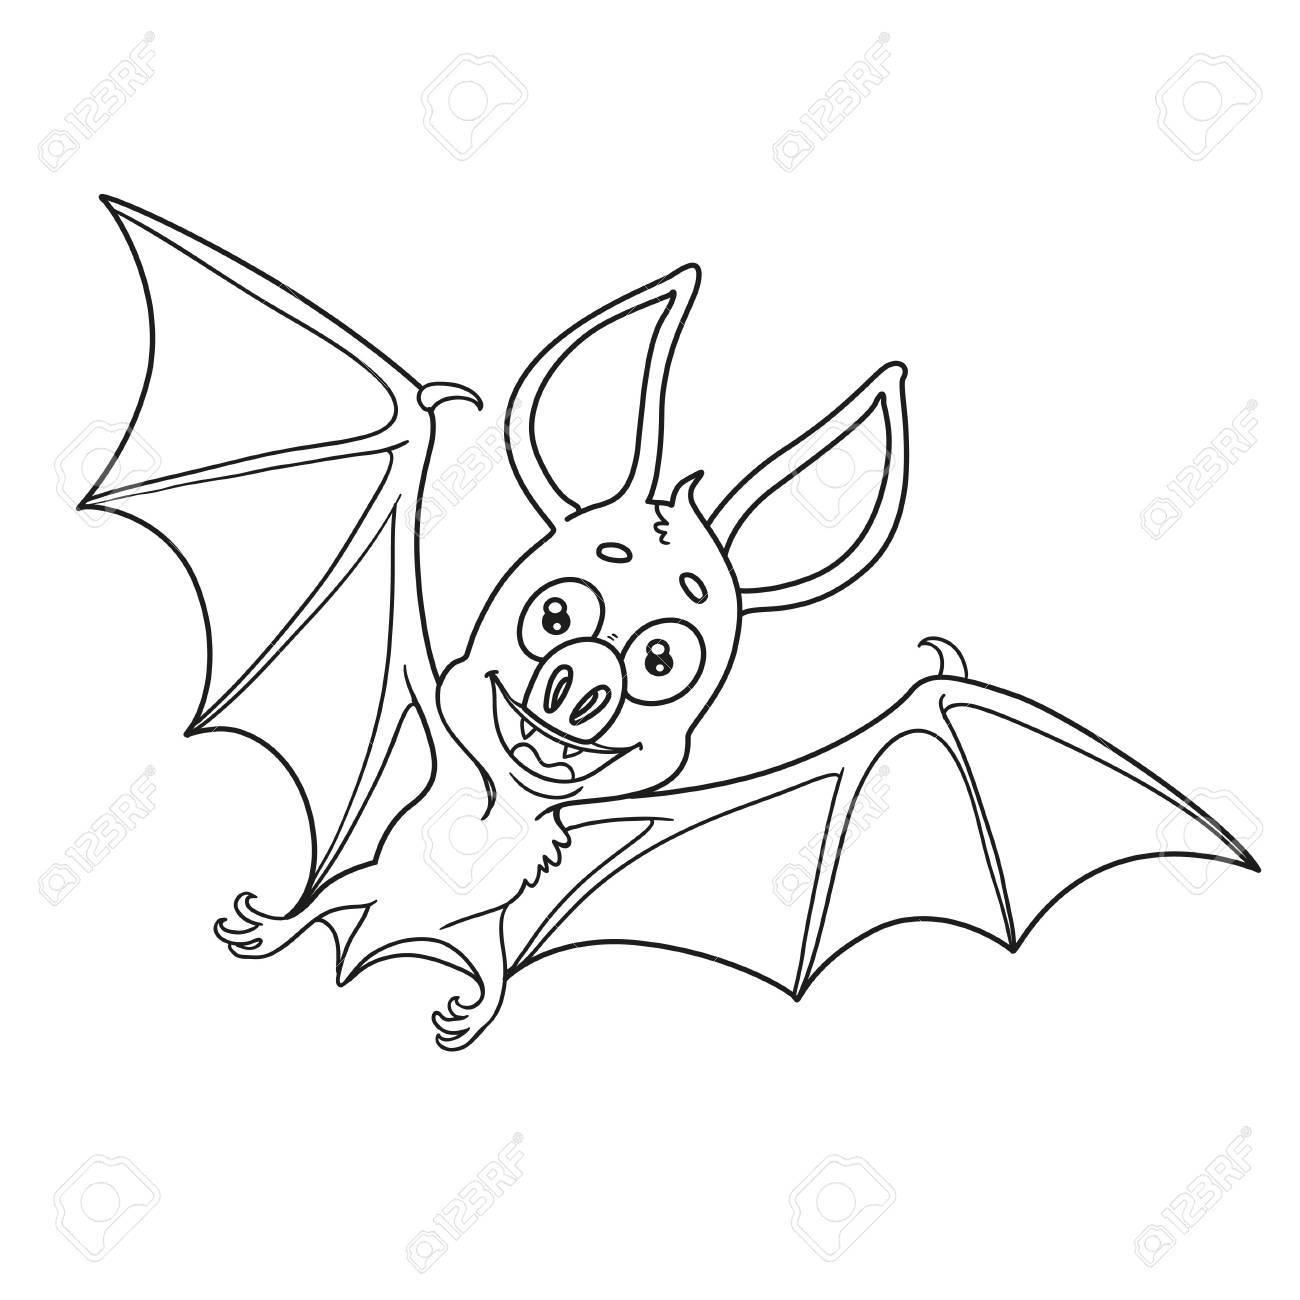 Niedliche Halloween-Fledermaus Skizziert Für Die Malvorlage ...